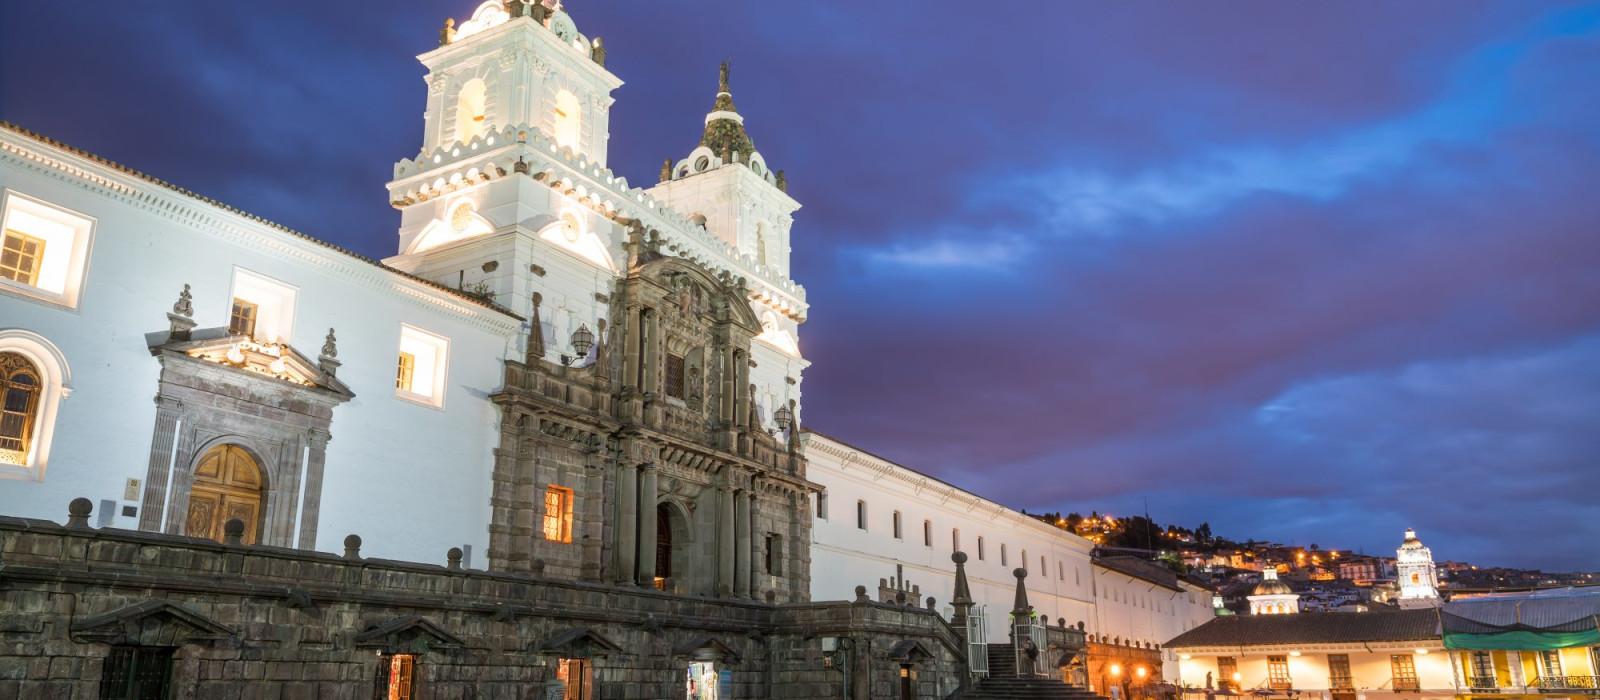 Plaza de San Francisco in old town Quito, Ecuador